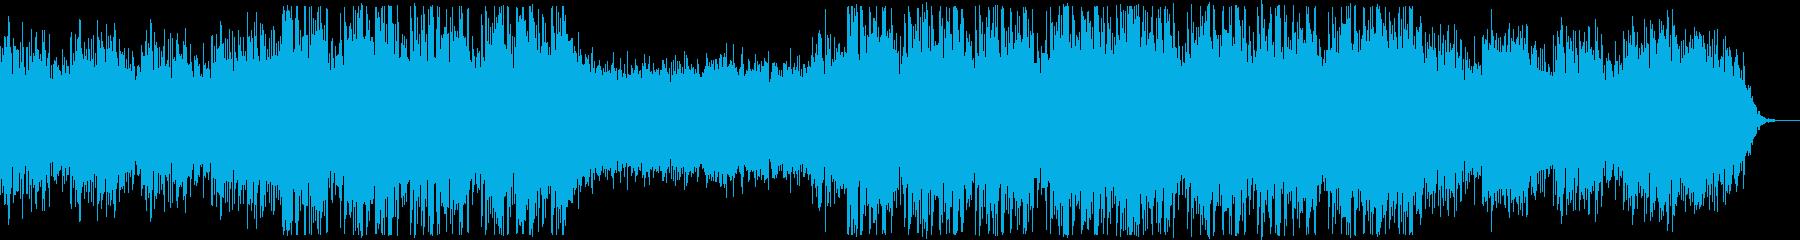 コロナの不安・ドキュメンタリー・トラップの再生済みの波形